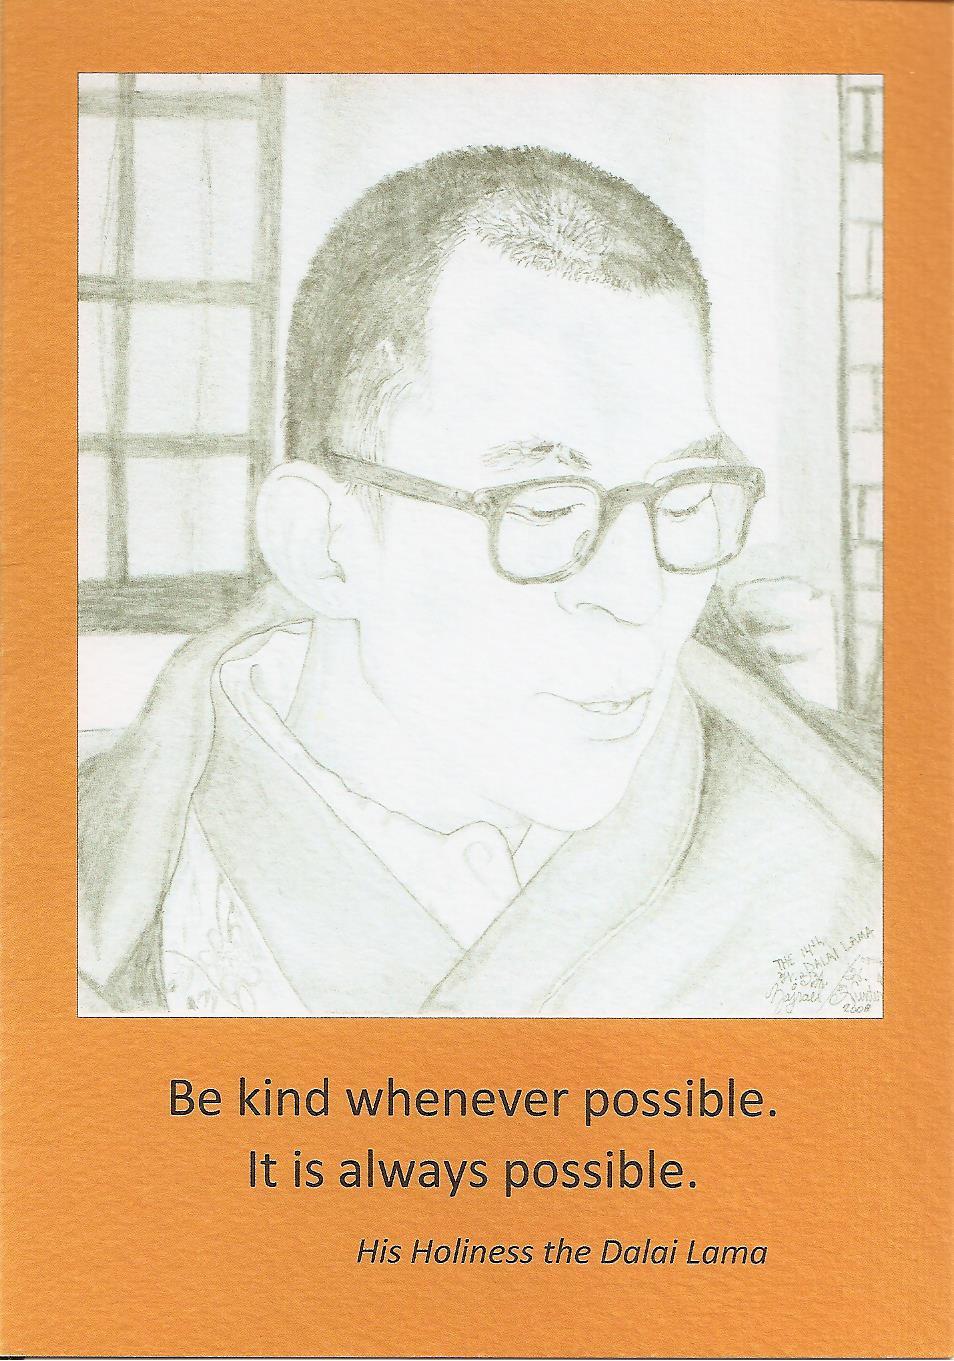 Dalai Lama by Zajrael 001.jpg